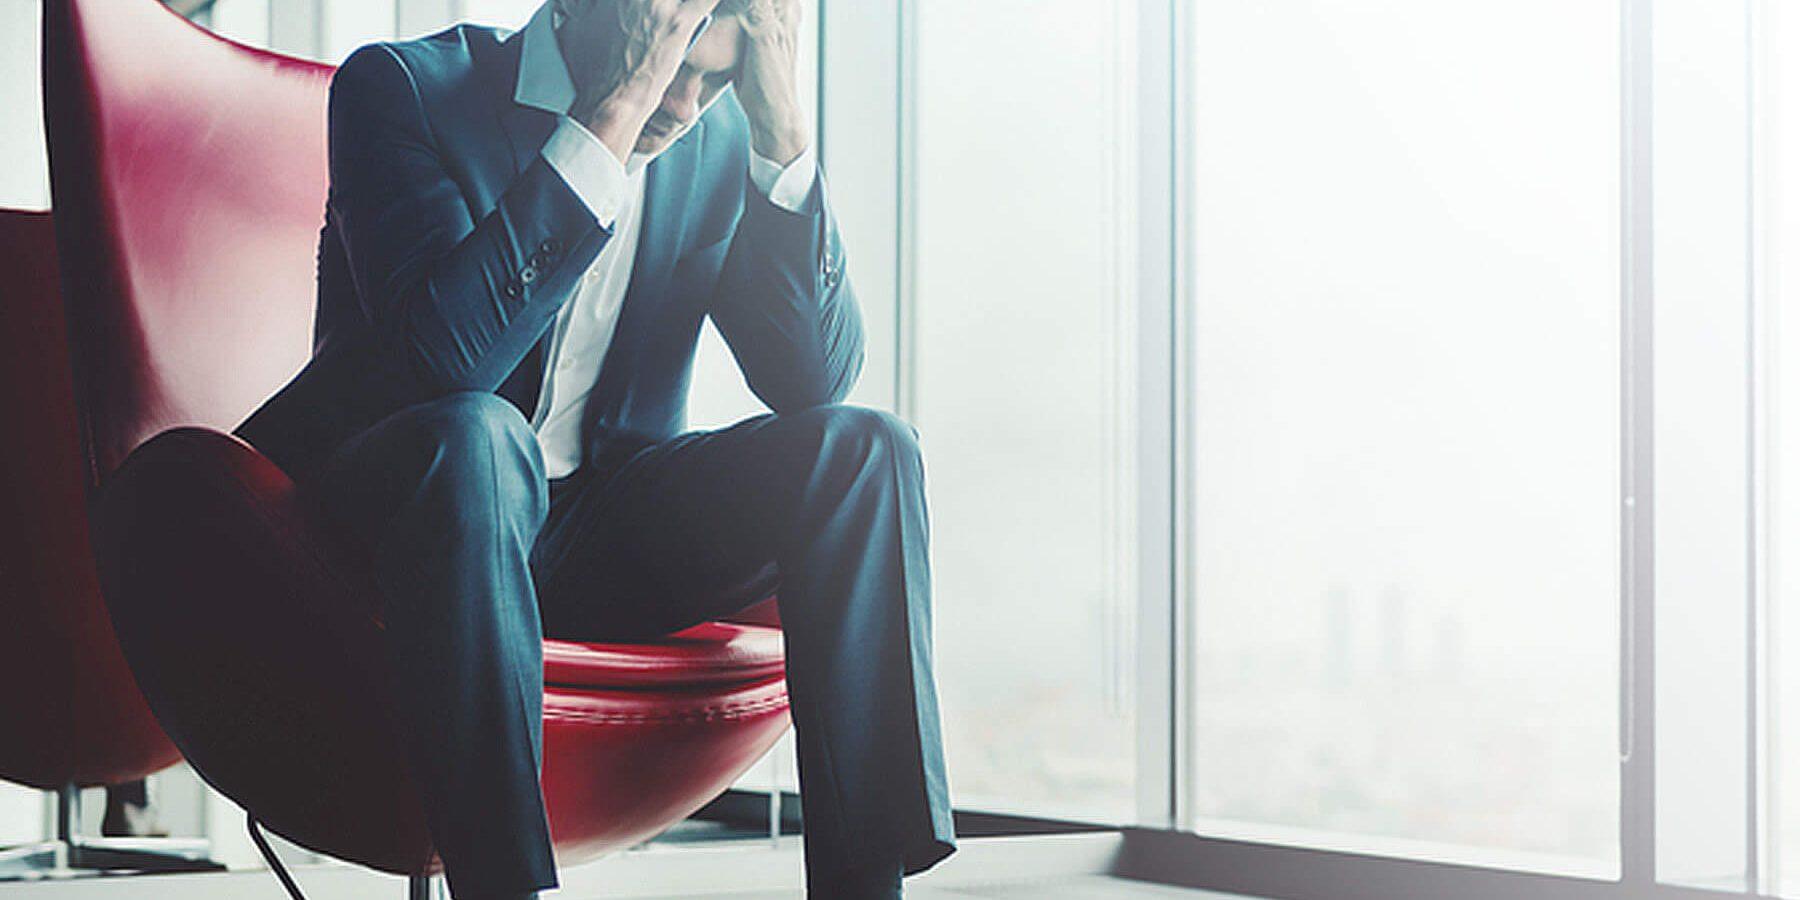 بزرگترین اشتباهات مالی بزرگترین شرکتهای جهان